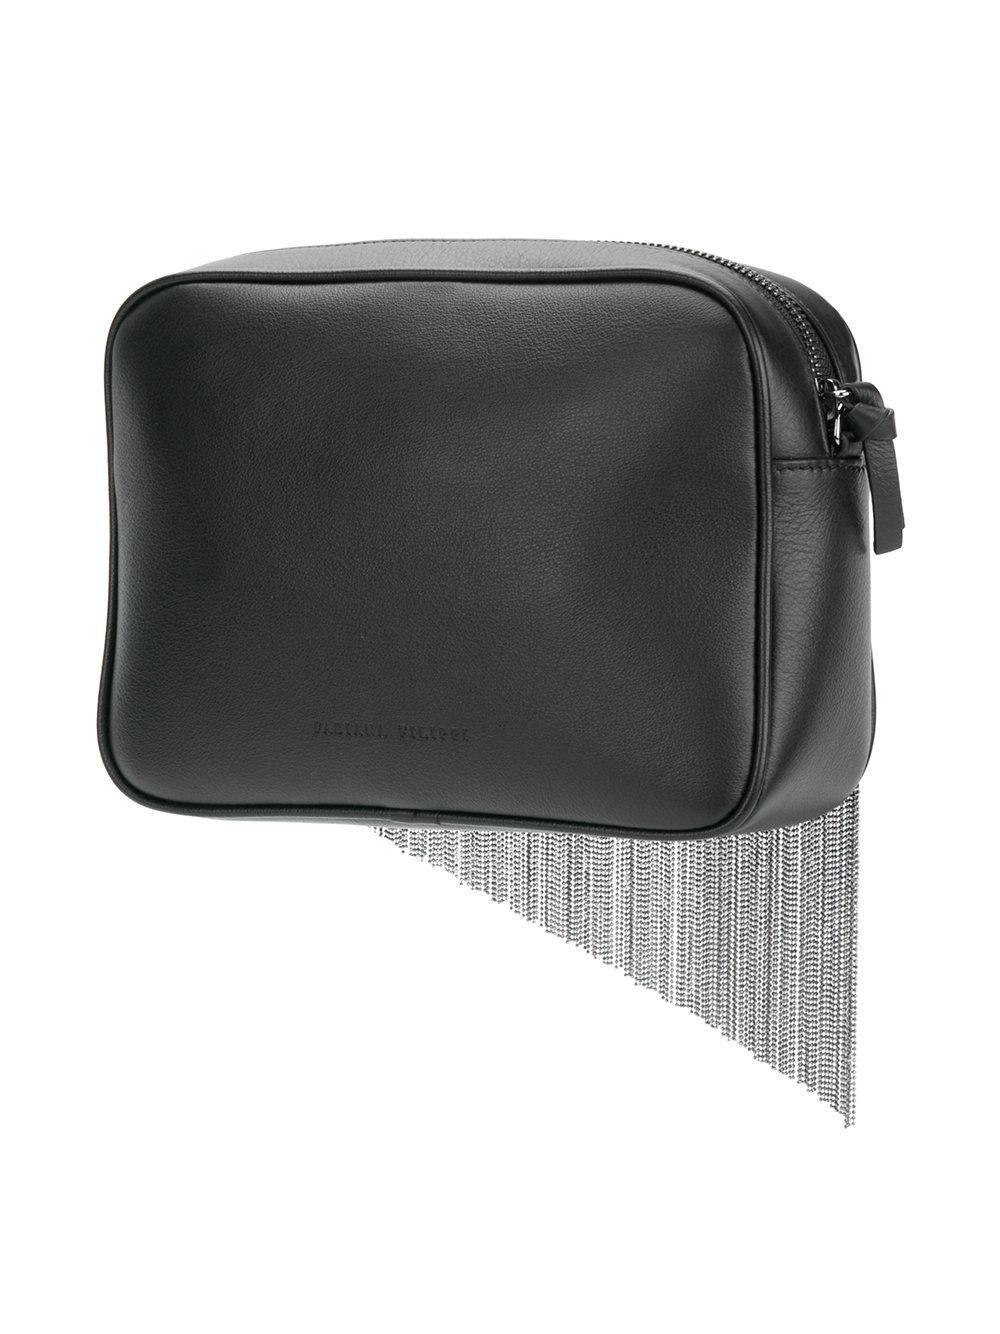 Fabiana Filippi embellished shoulder bag Sale Exclusive 0KKURQm2